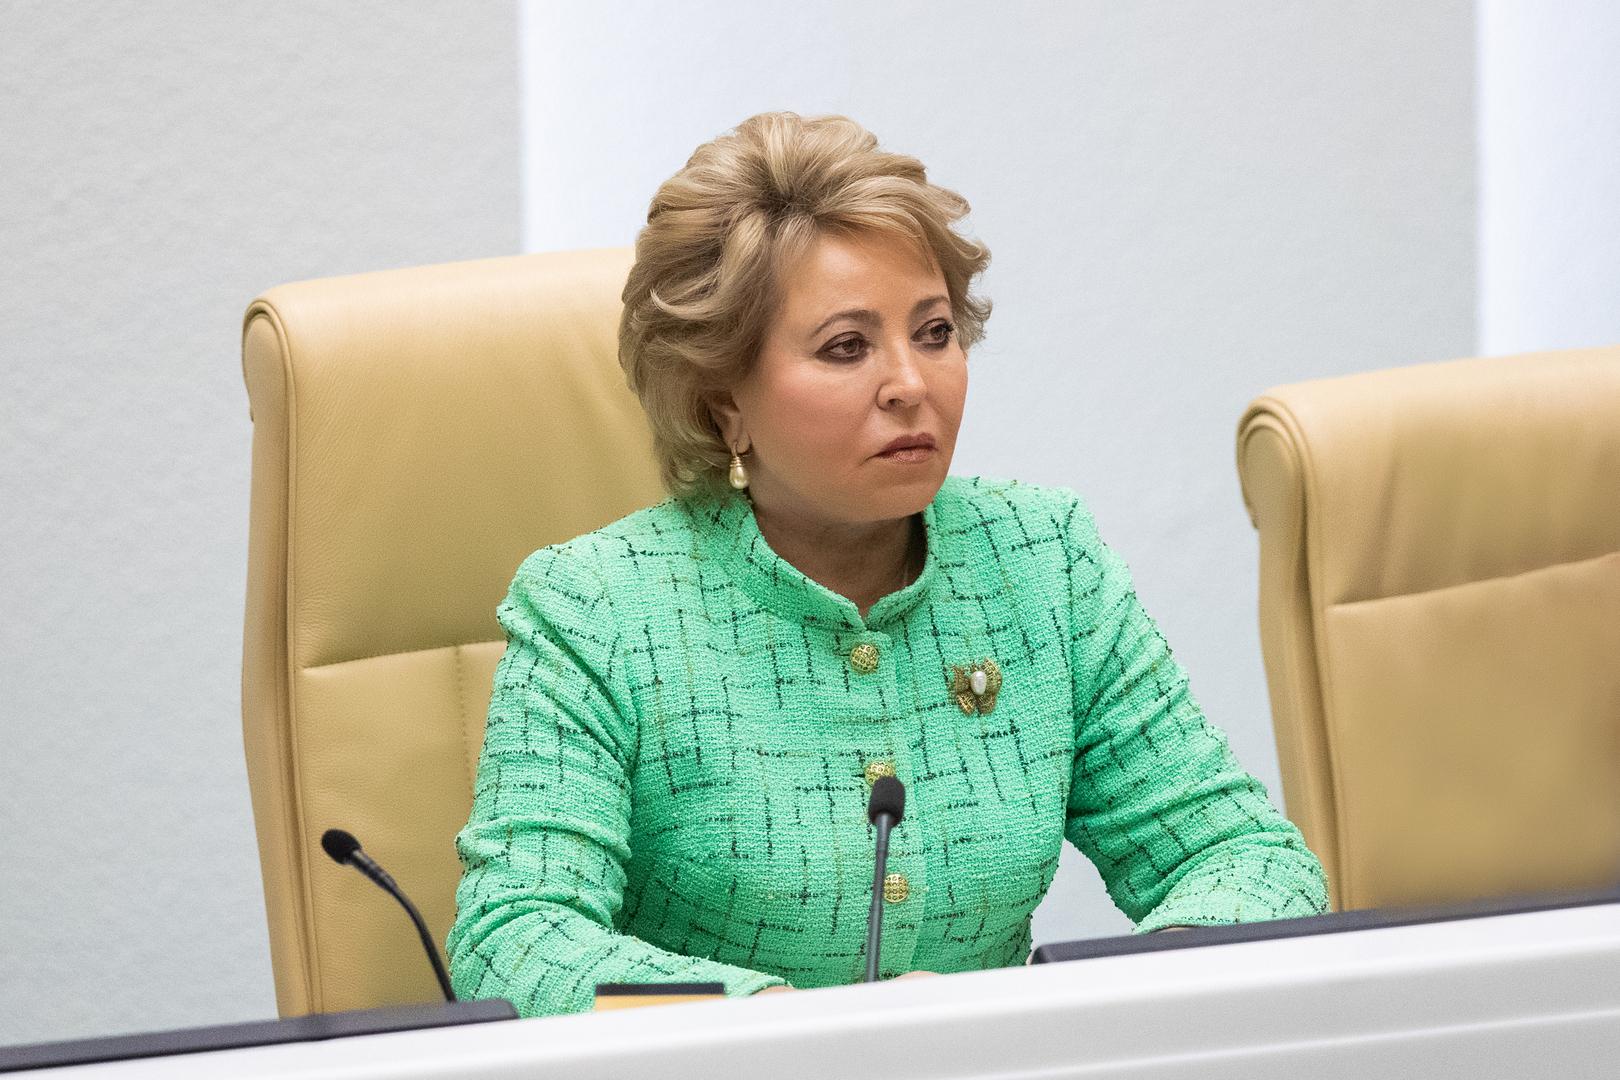 رئيسة مجلس الاتحاد الروسي: الحل الوحيد للأزمة الليبية عبر المفاوضات بين الأطراف المعنية